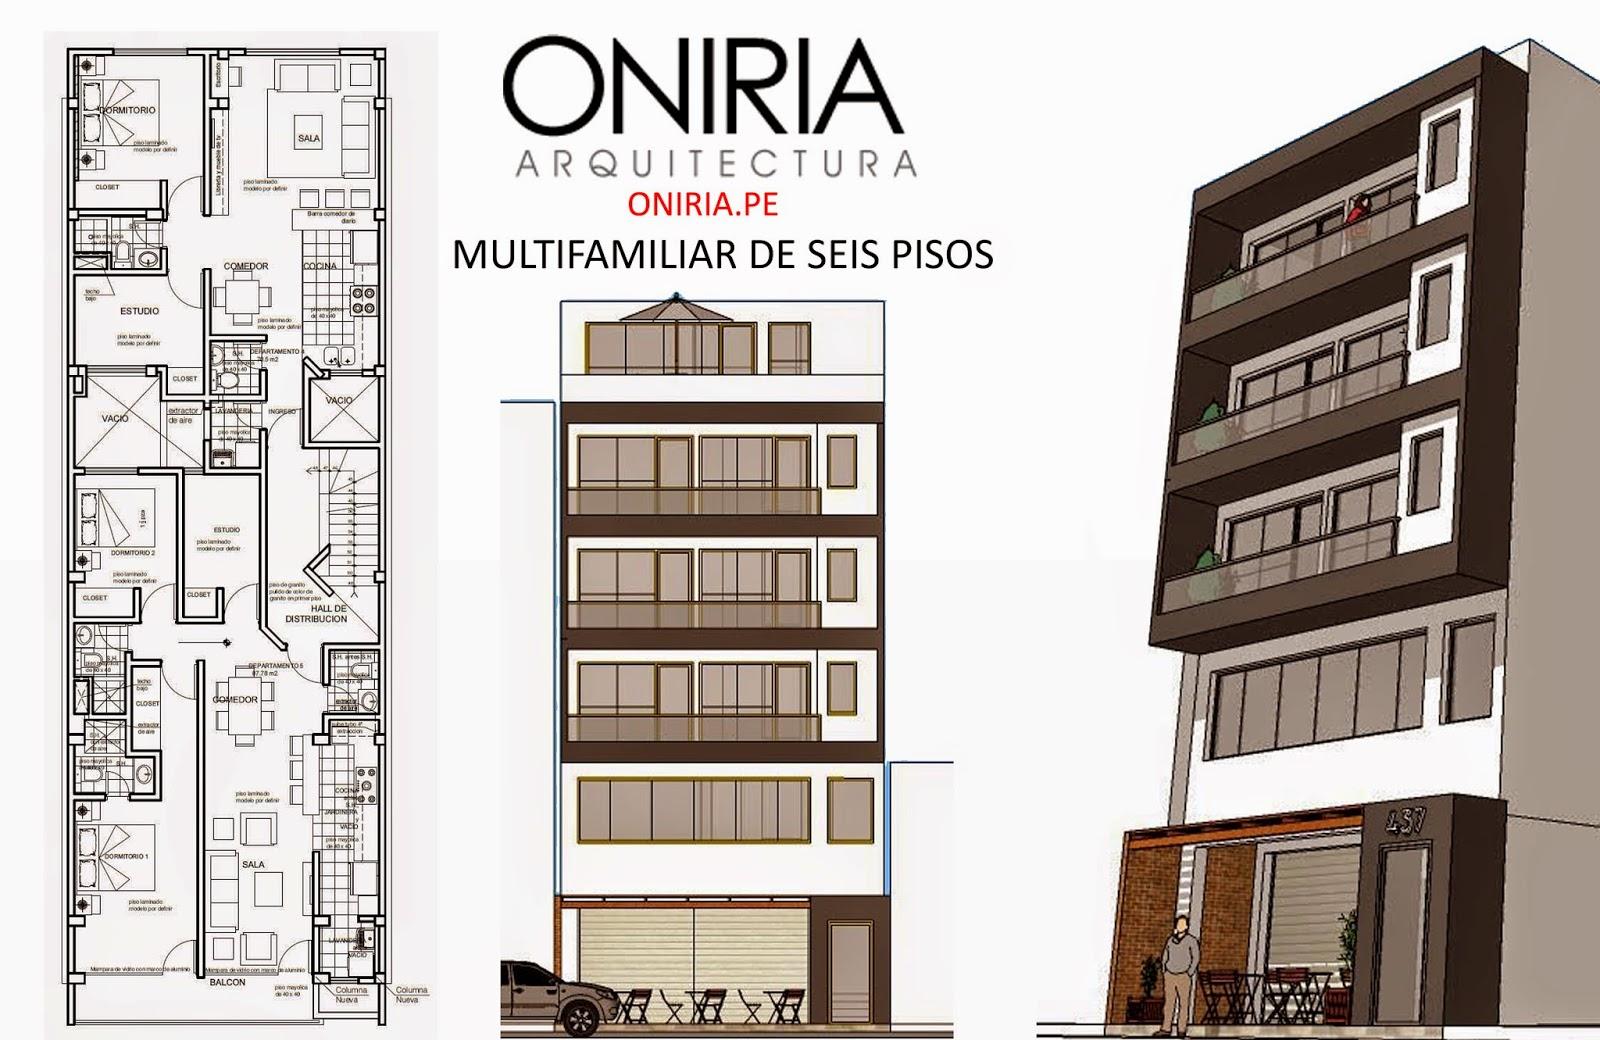 Oniria dise o de viviendas multifamiliares - Diseno de pisos ...